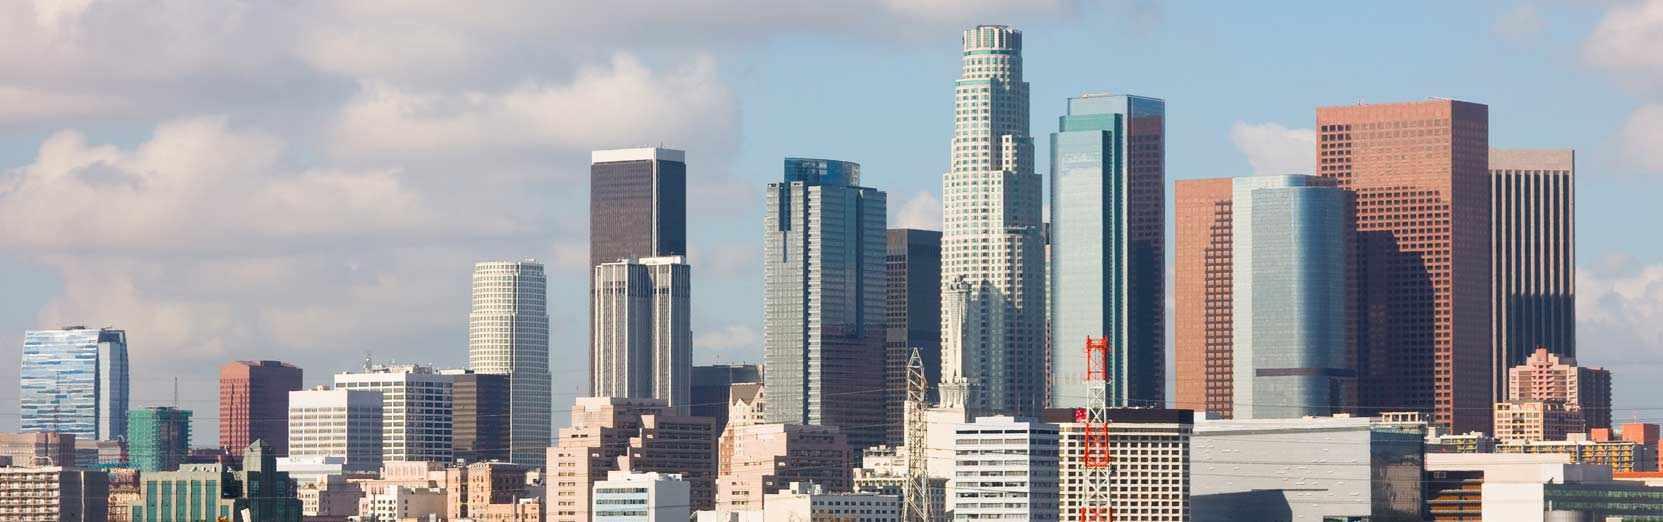 Auto mieten in Los Angeles